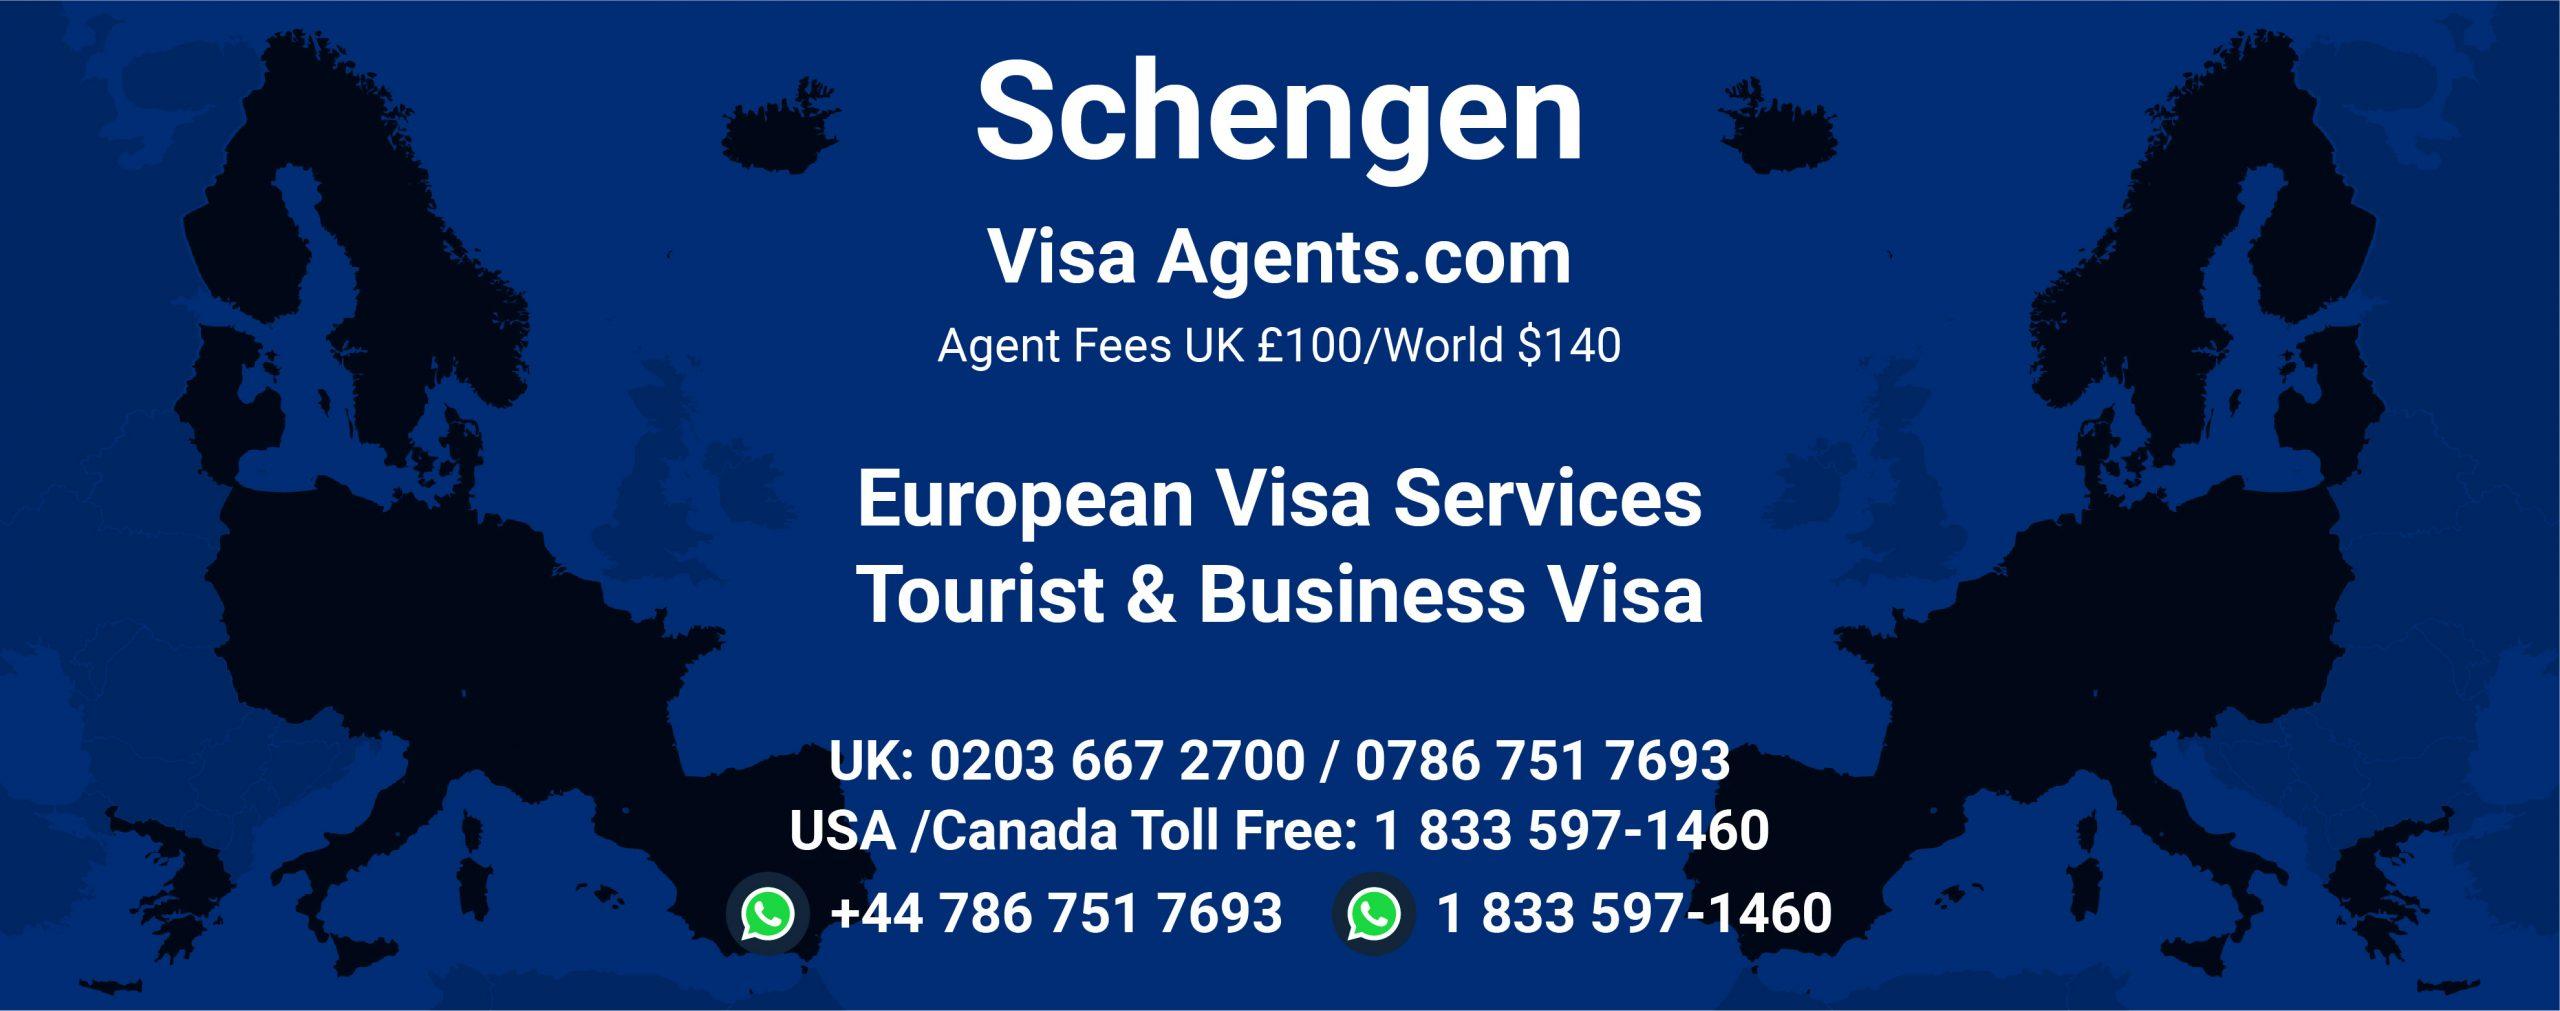 Schengen visa agents